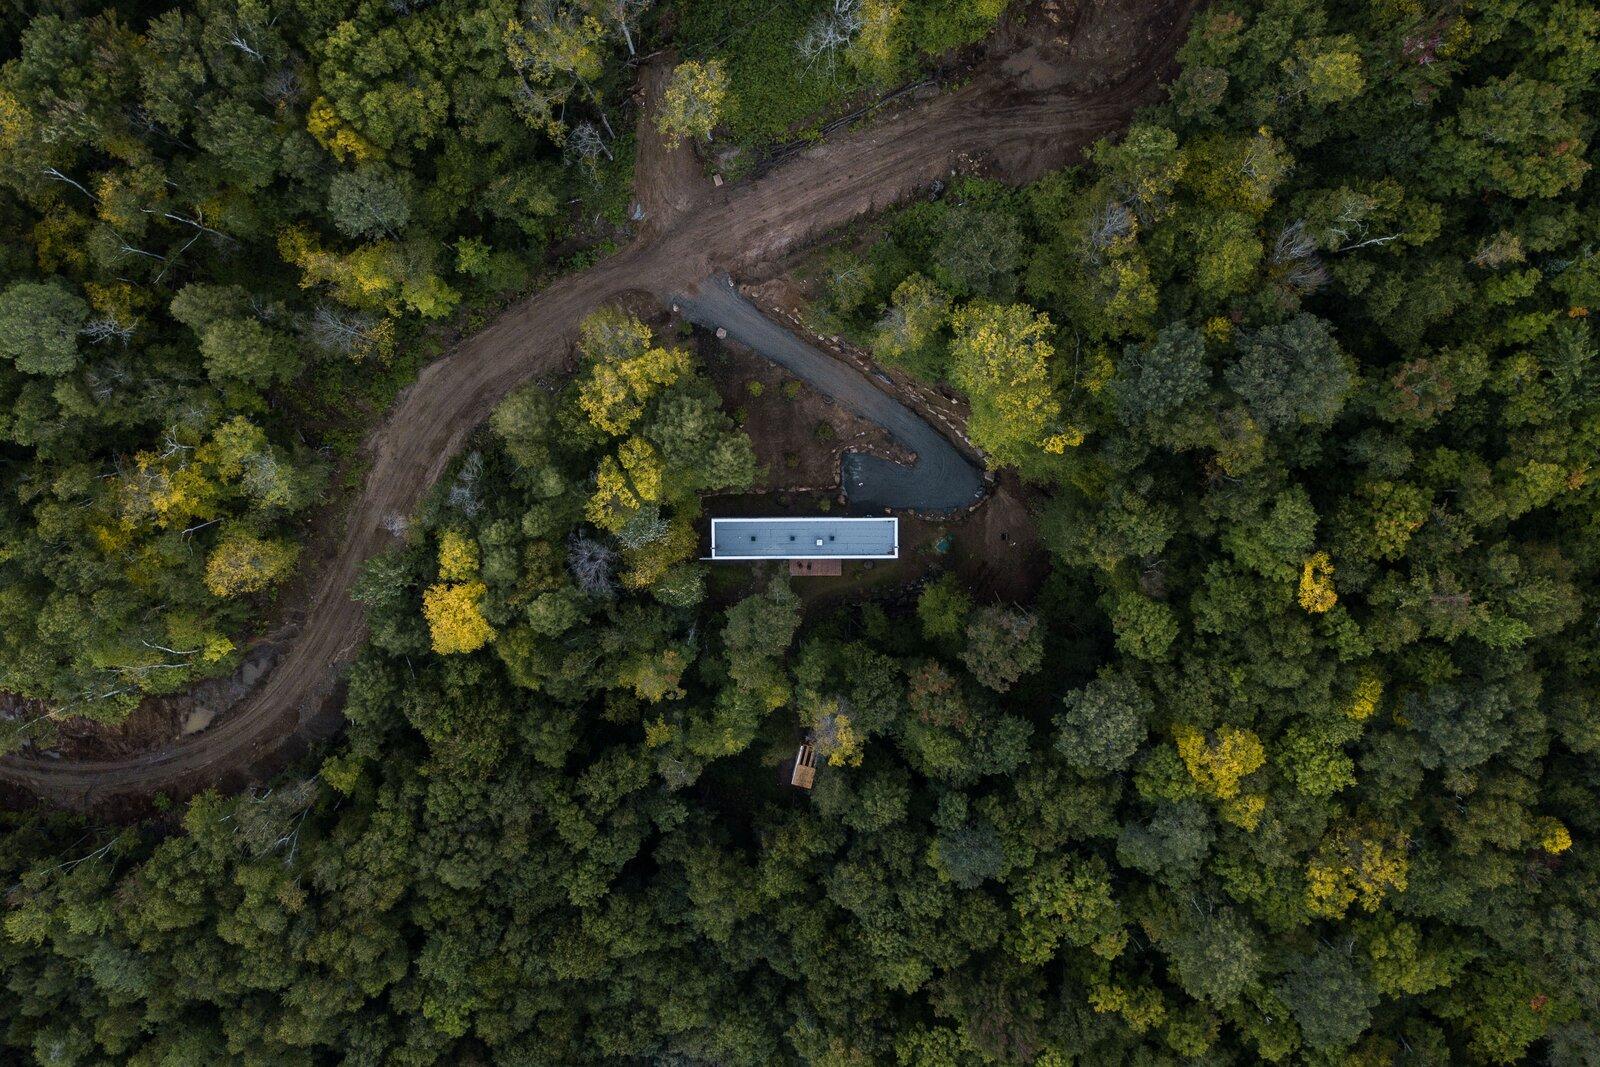 Hinterhouse aerial view